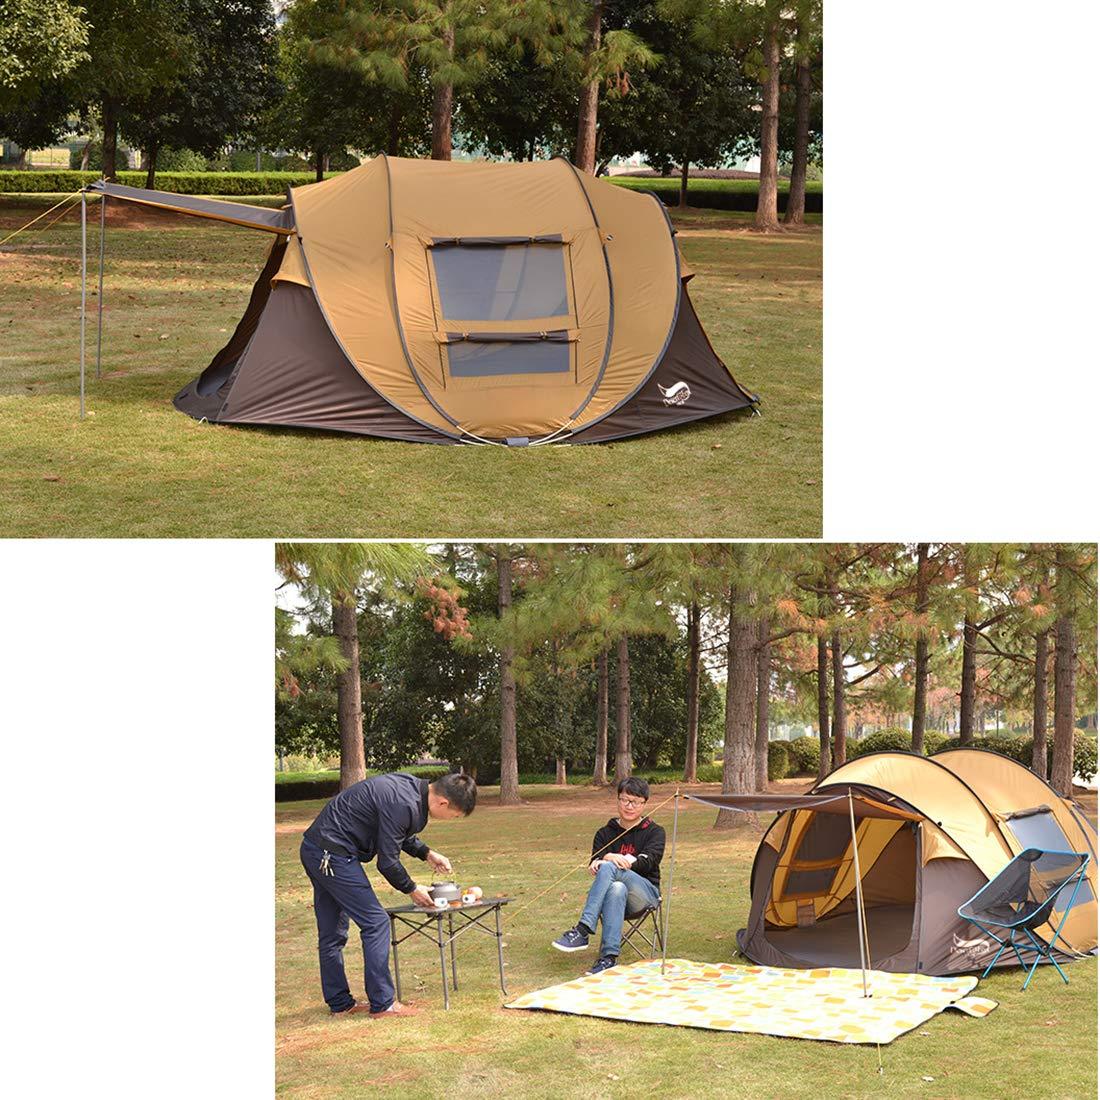 Automatisches Zelt 3-4 Person Person Person wasserdicht 3 Jahreszeiten Camping Reisen leicht Zelte B07MZ2J48F Wurfzelte Leicht zu reinigende Oberfläche 7c86a3